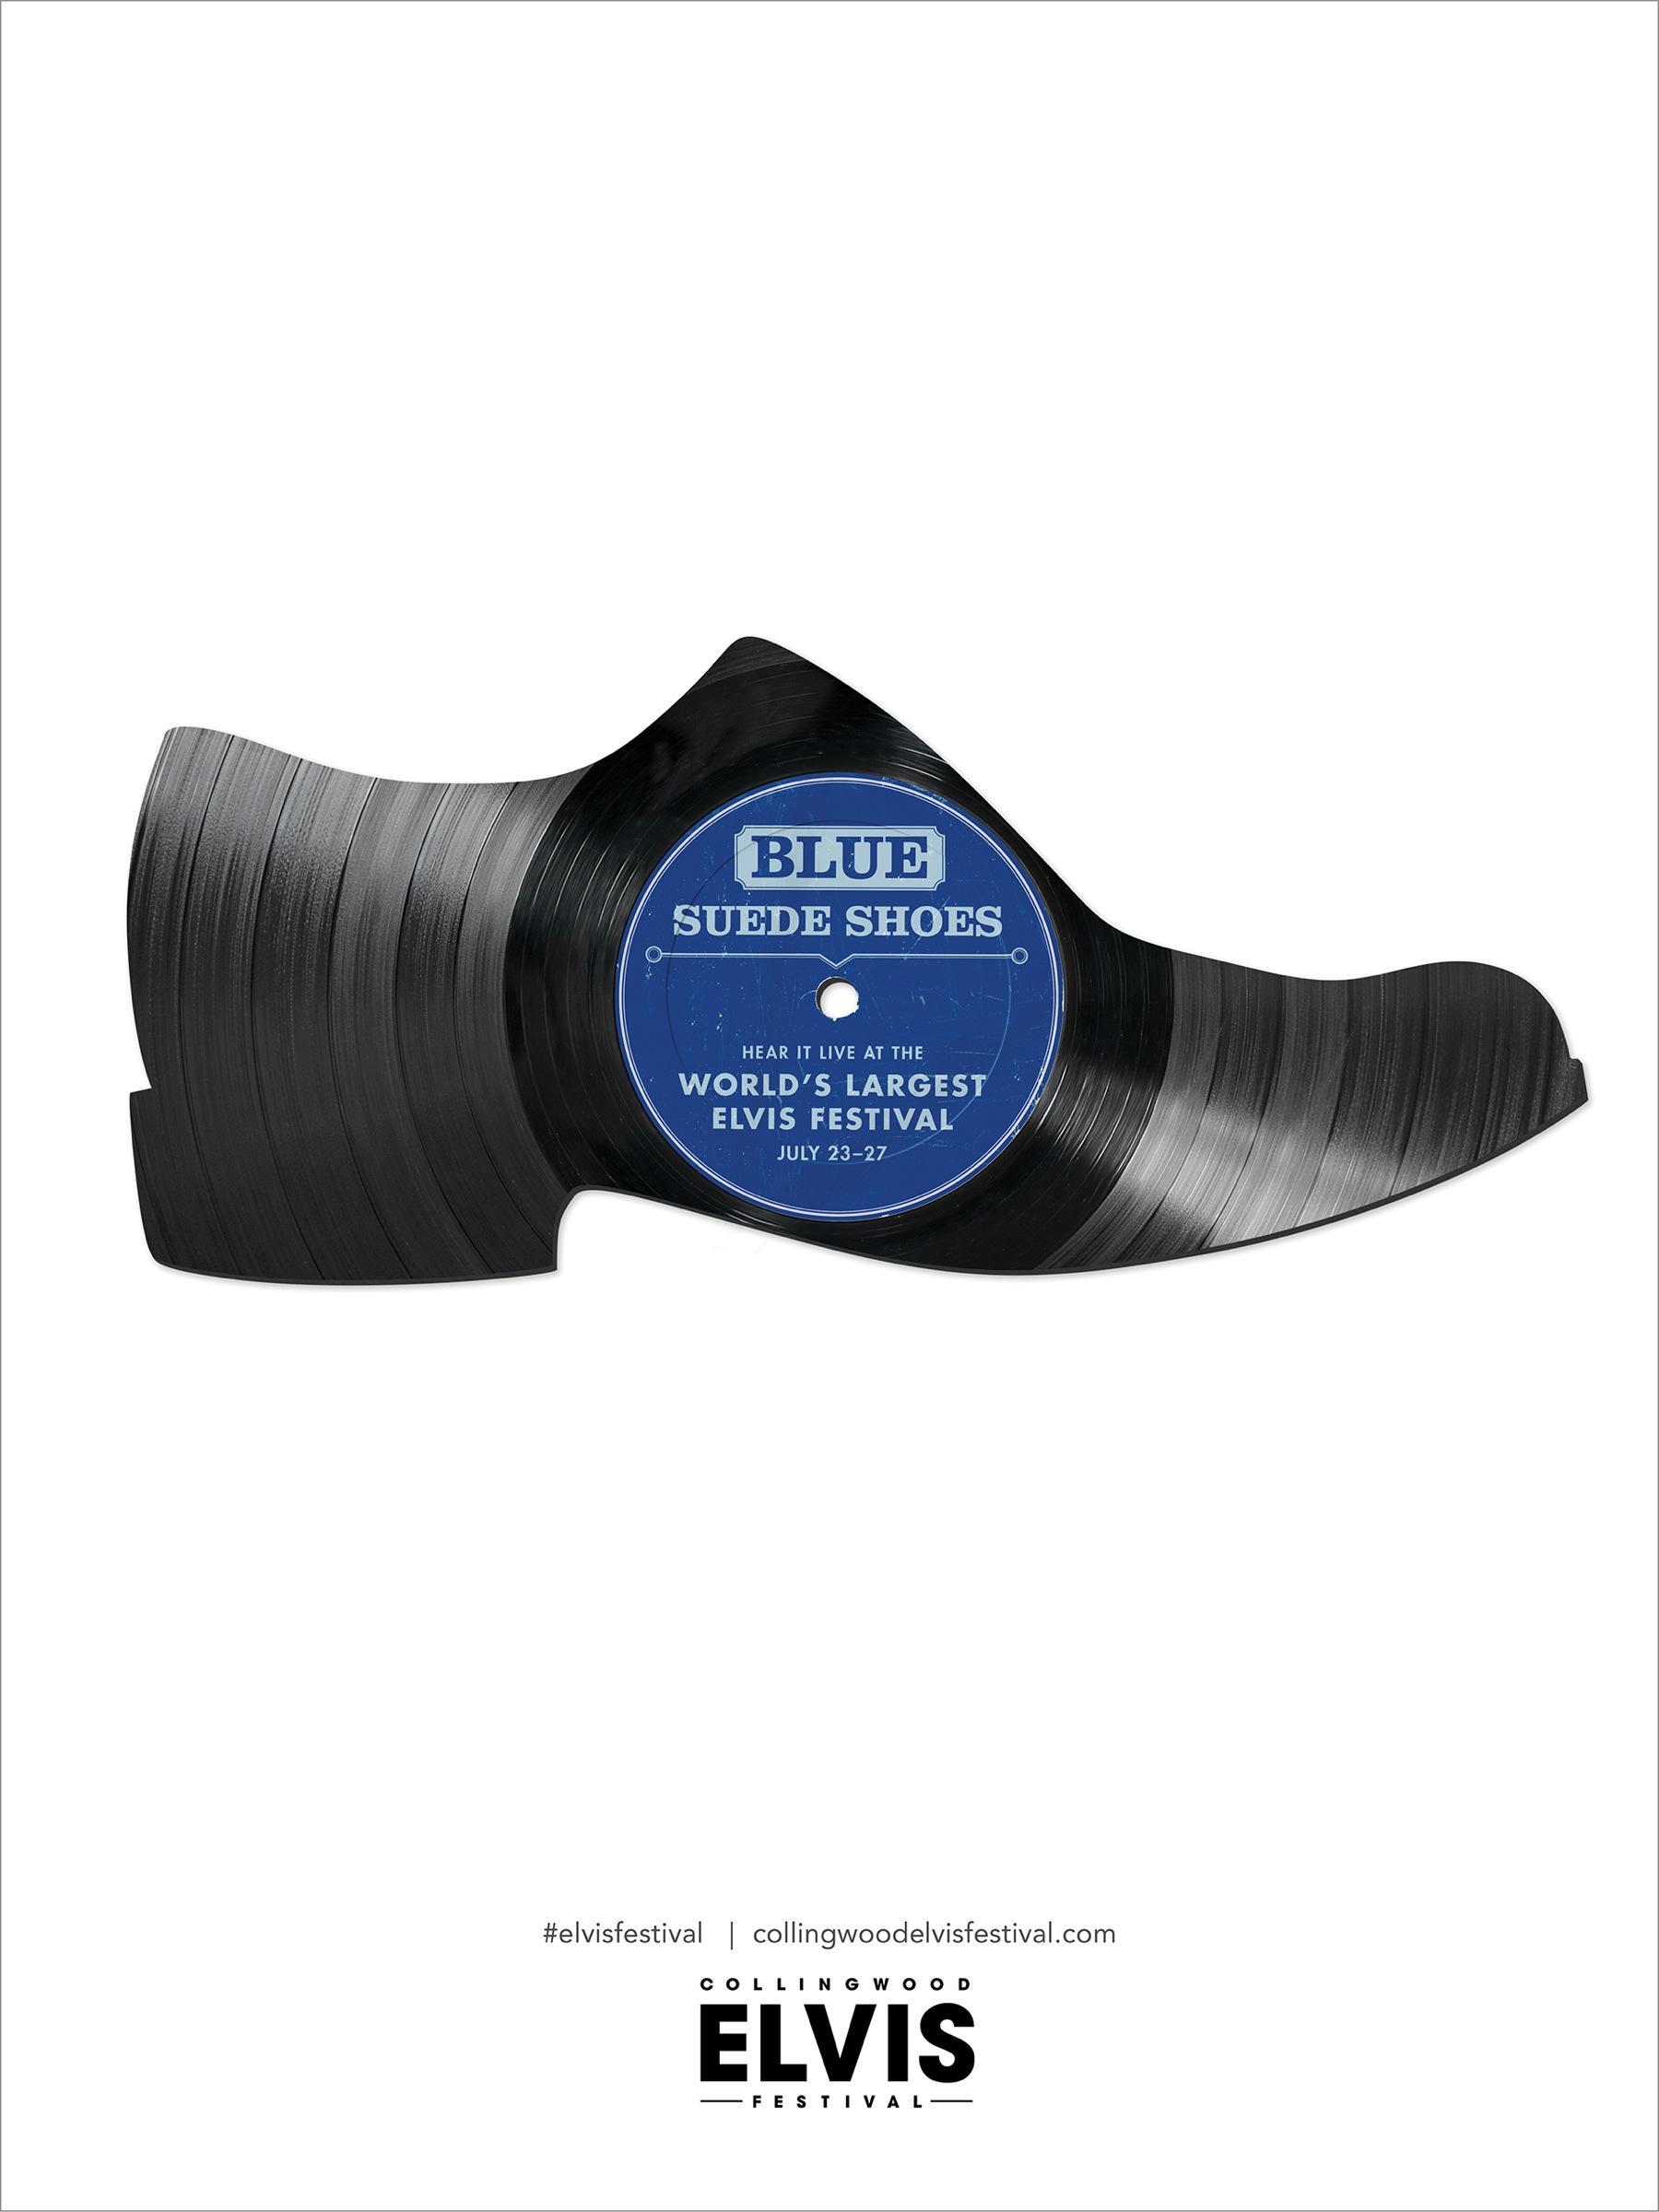 Collingwood Elvis Festival Print Ad -  Blue Suede Shoes